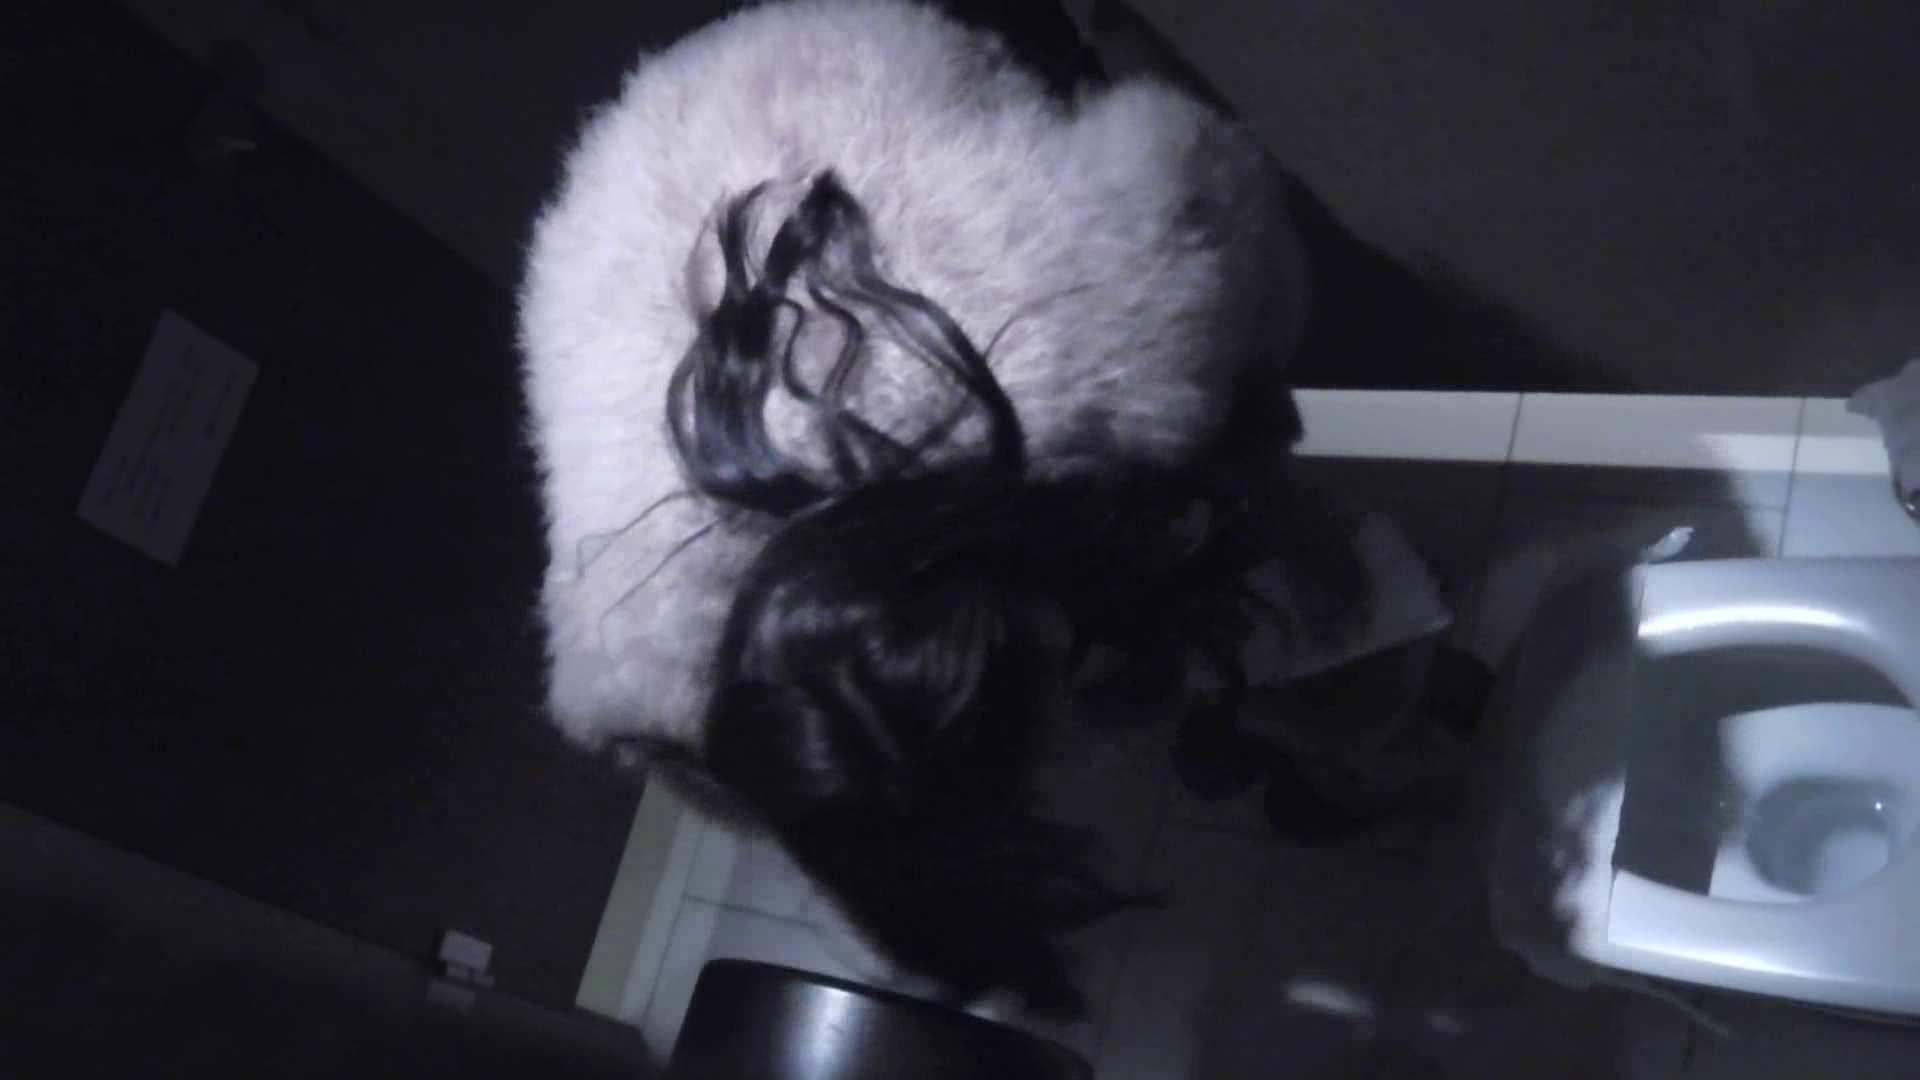 世界の射窓から vol.35 女厕偷拍, 美罗城 南宁国贸 ハプニング   高画質  78枚 16